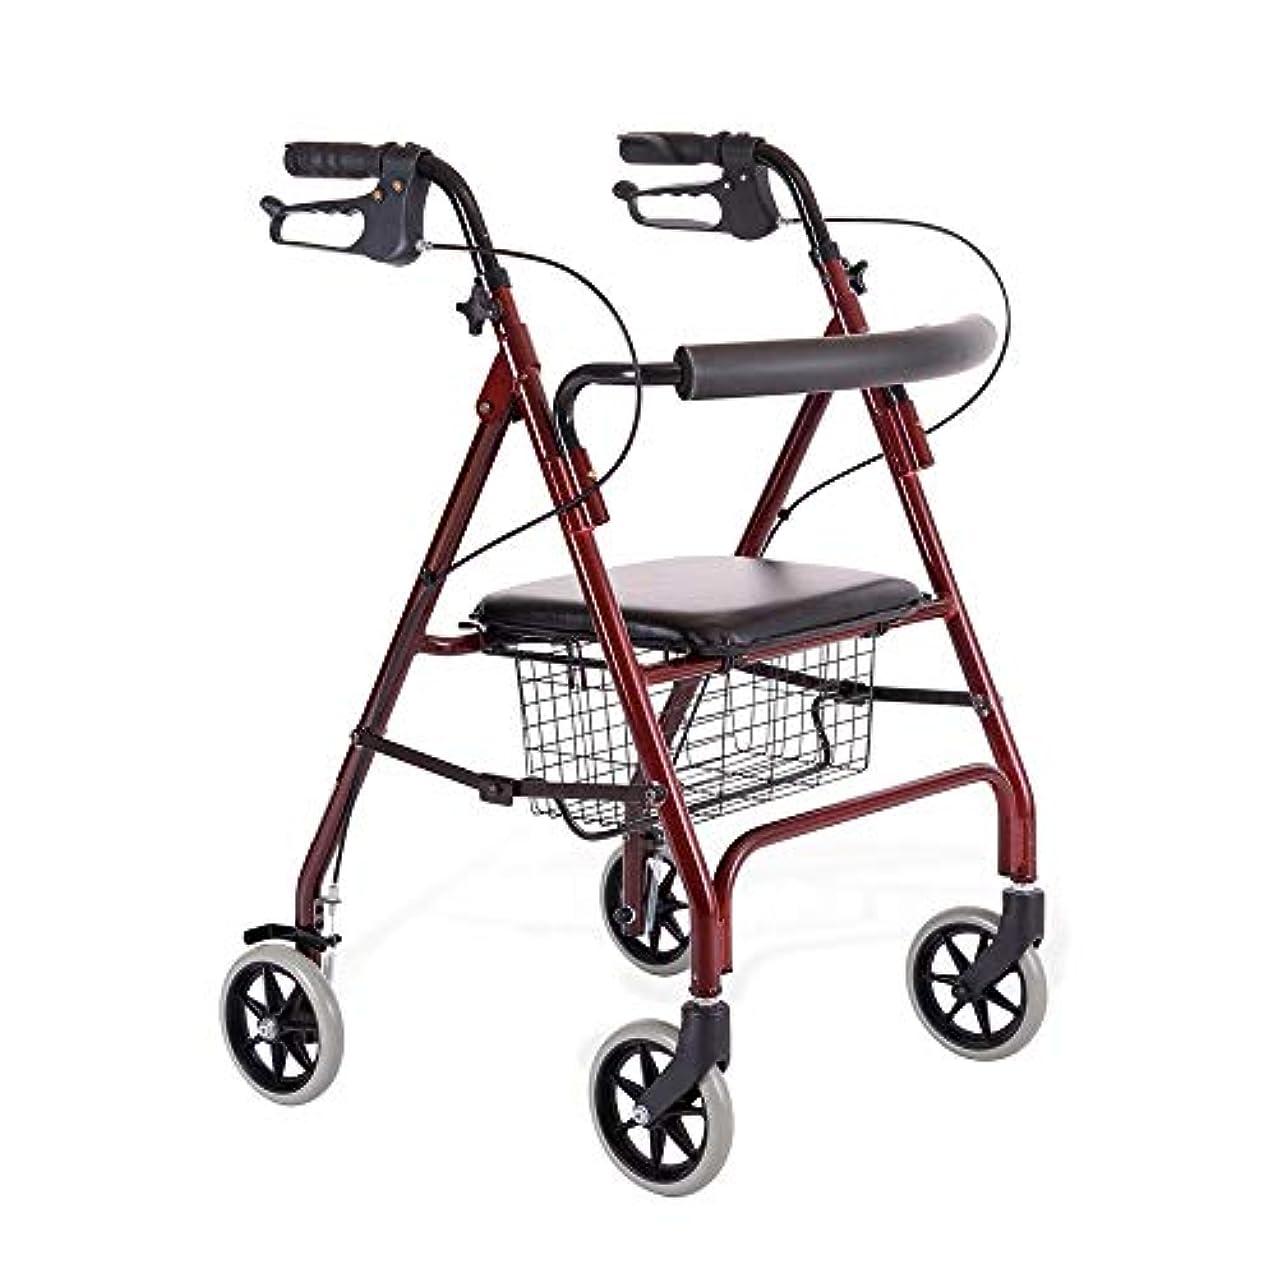 わな繊維腰シートと買い物かご付き軽量折りたたみ式歩行歩行器、高さ調節可能、4車輪可動補助具